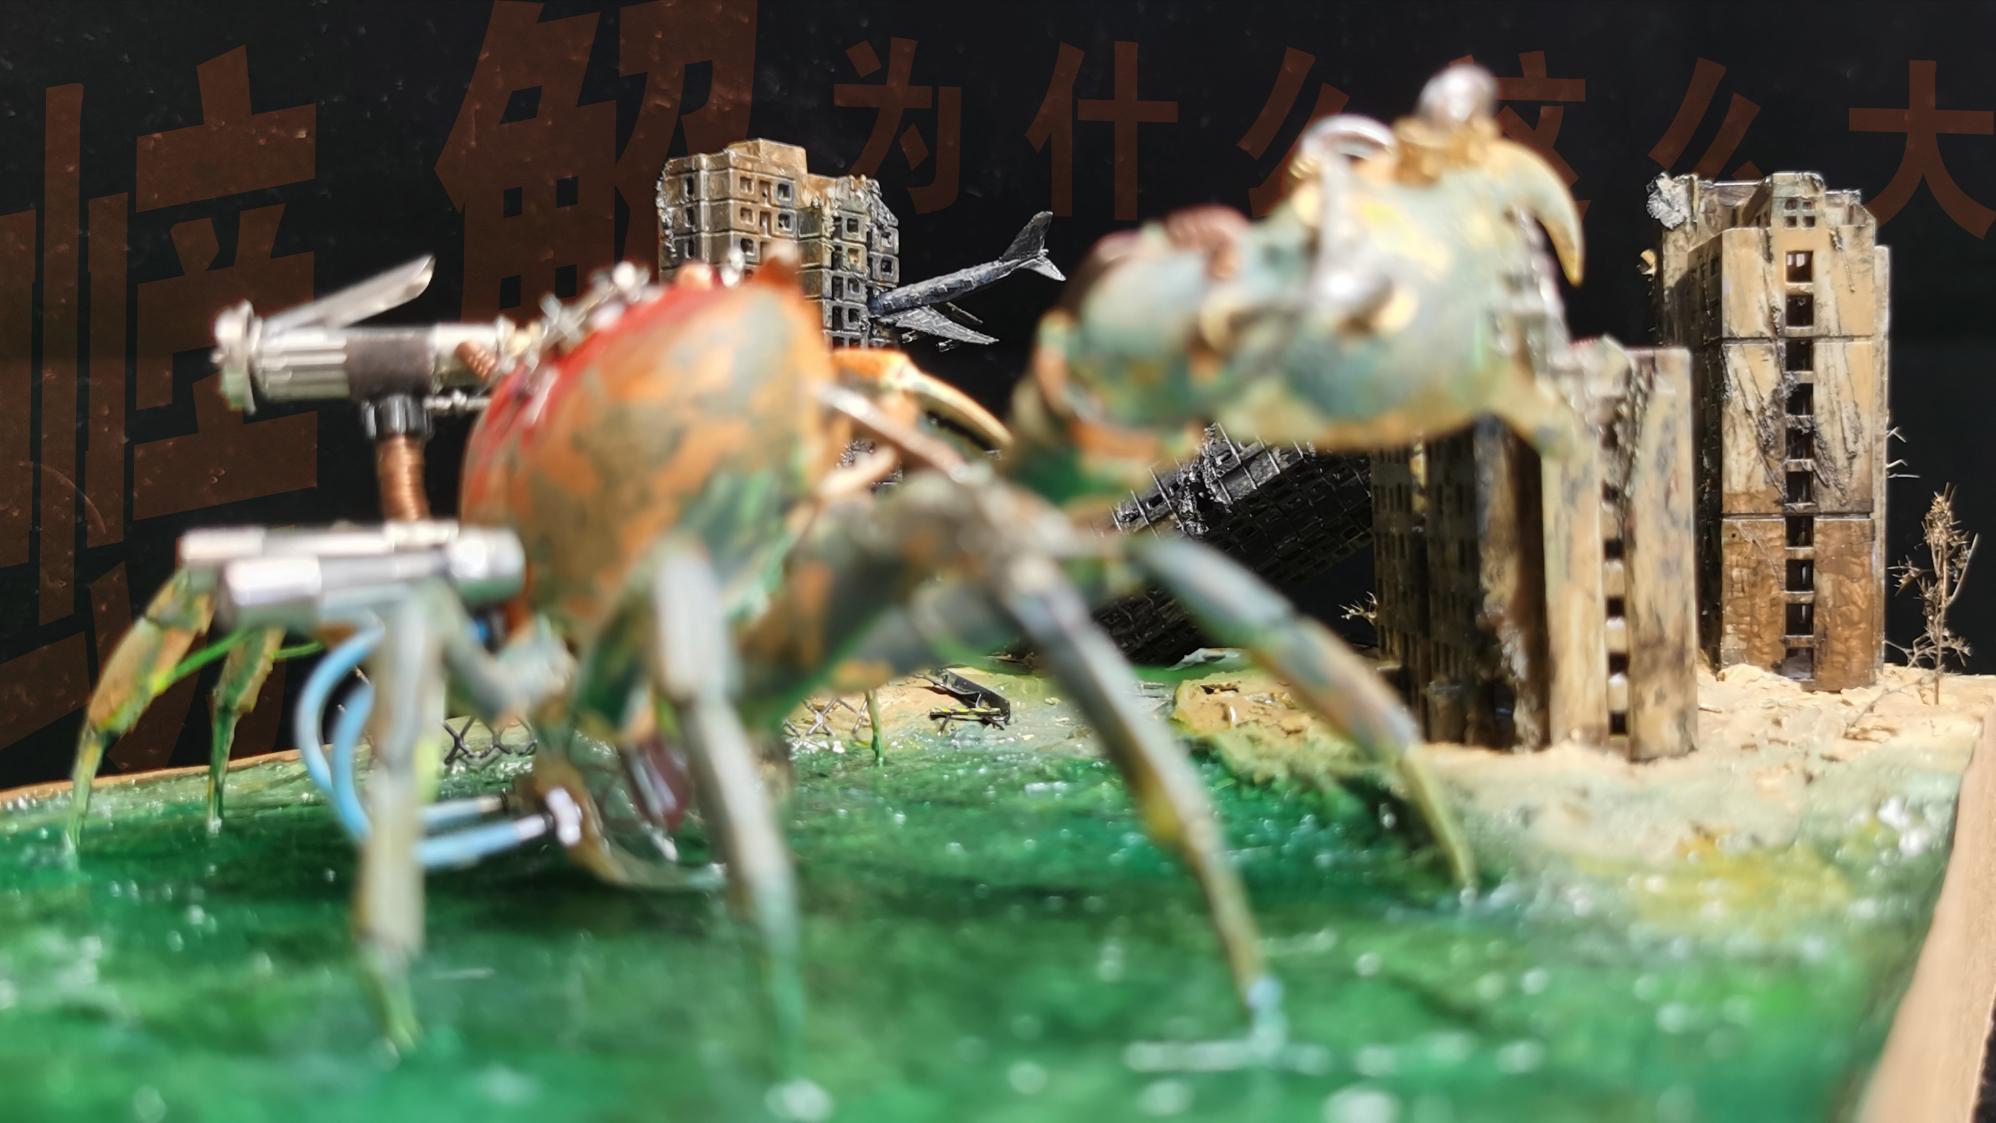 【微缩手工】道理我都懂,可是螃蟹为什么这————么大?